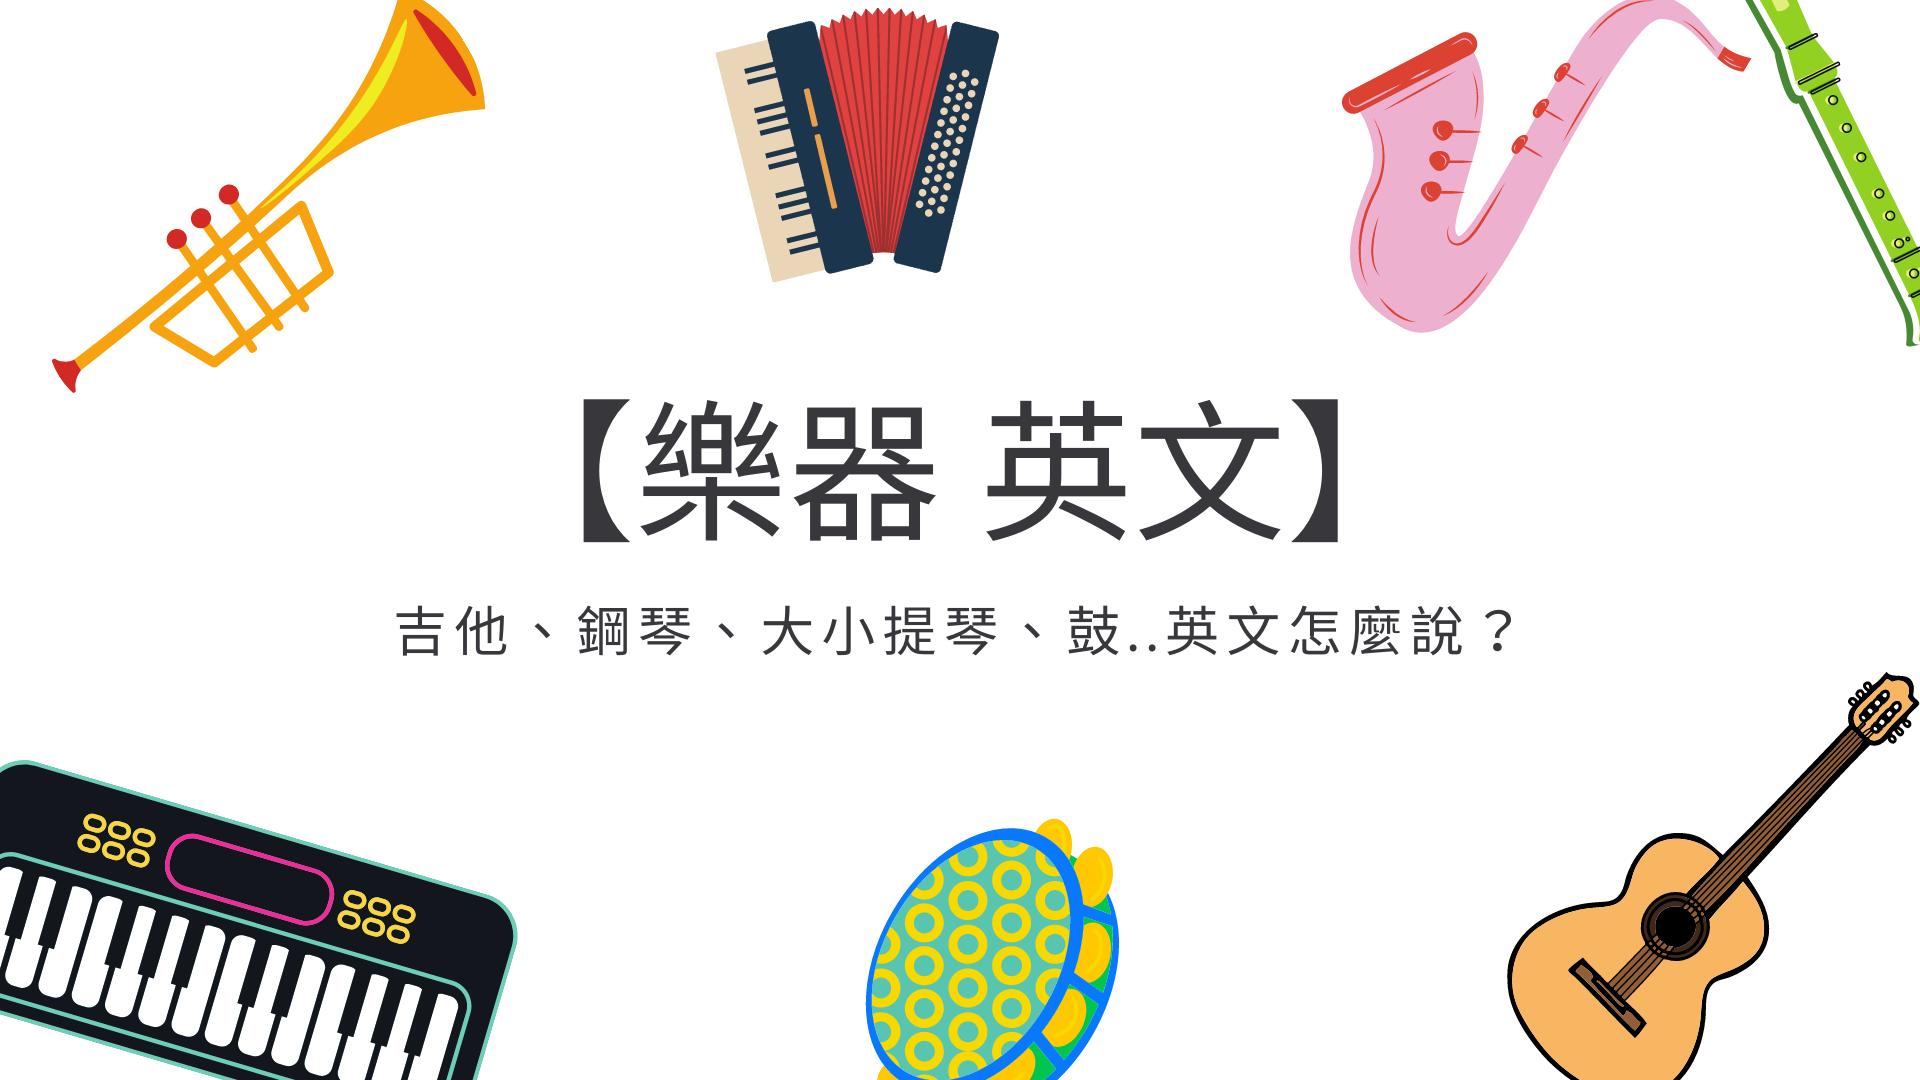 【樂器 英文】吉他、鋼琴、大小提琴、鼓..英文怎麼說?樂器相關英文單字!